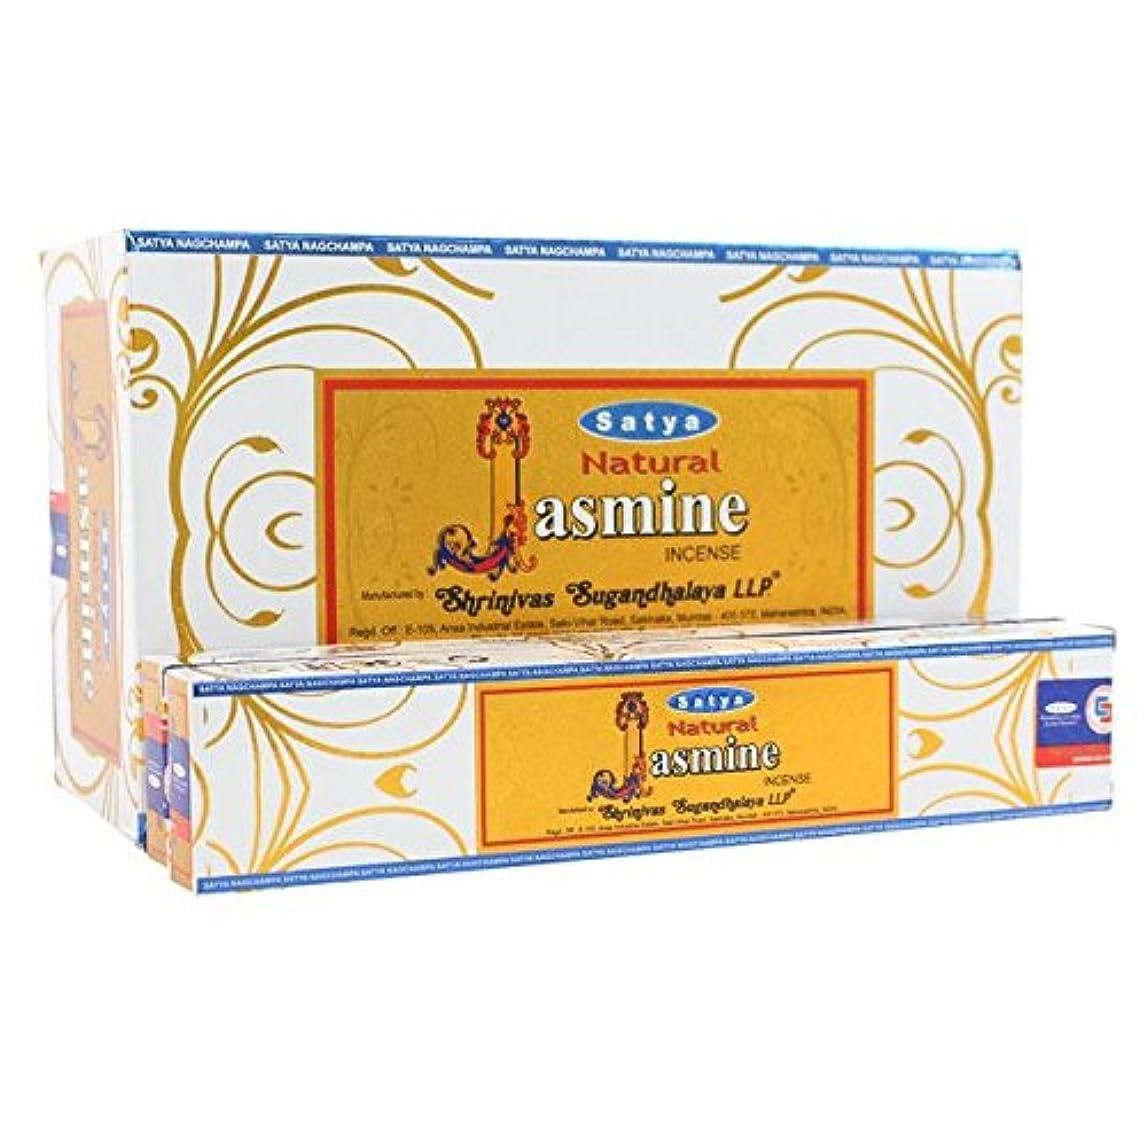 旅家事ページェントBox Of 12 Packs Of Natural Jasmine Incense Sticks By Satya